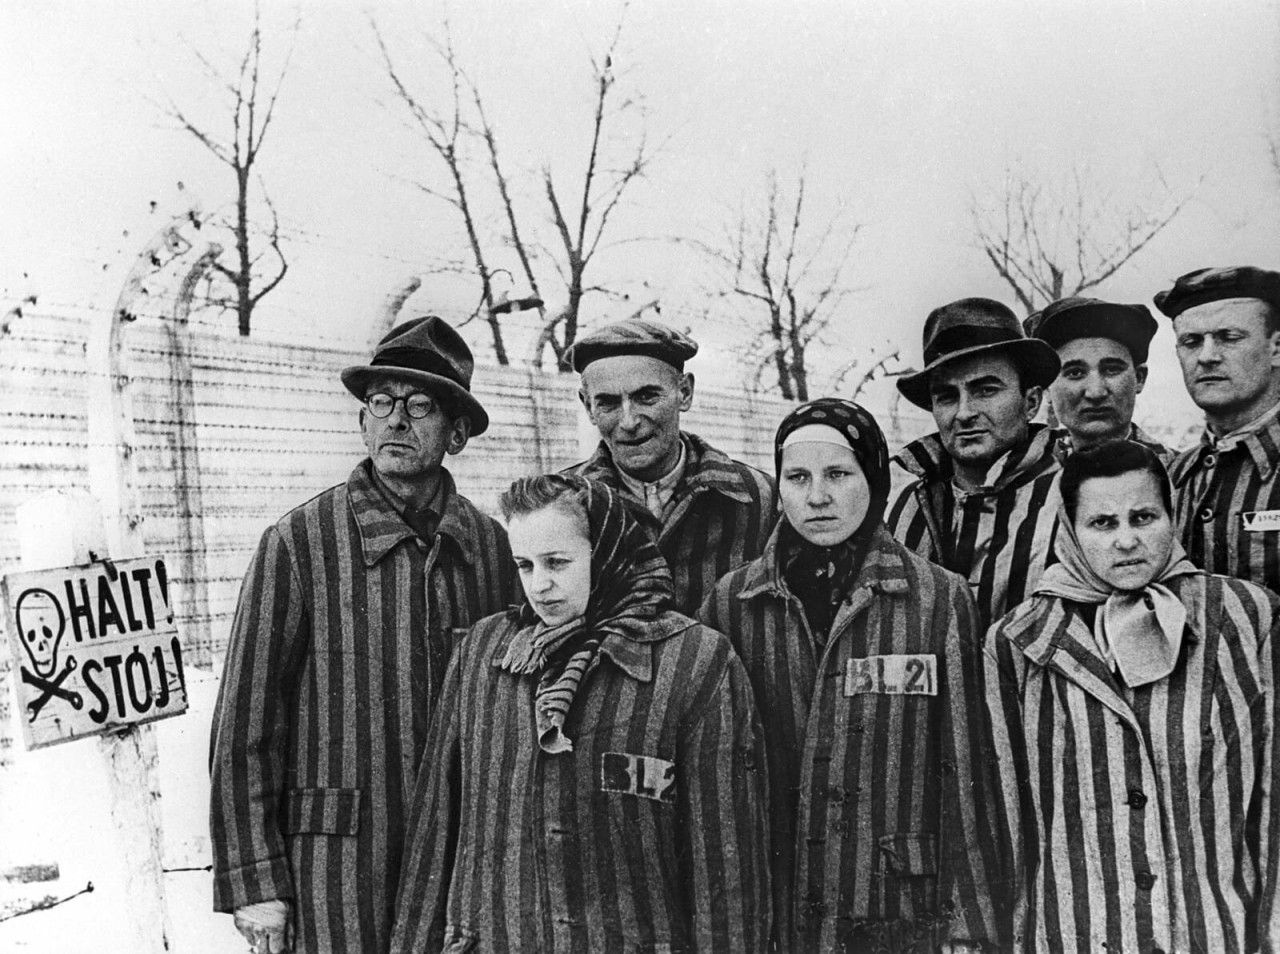 Узники Аушвица перед освобождением советской армией в январе 1945 года аушвиц, вторая мировая война, день памяти, конц.лагерь, концентрационный лагерь, освенцим, узники, холокост